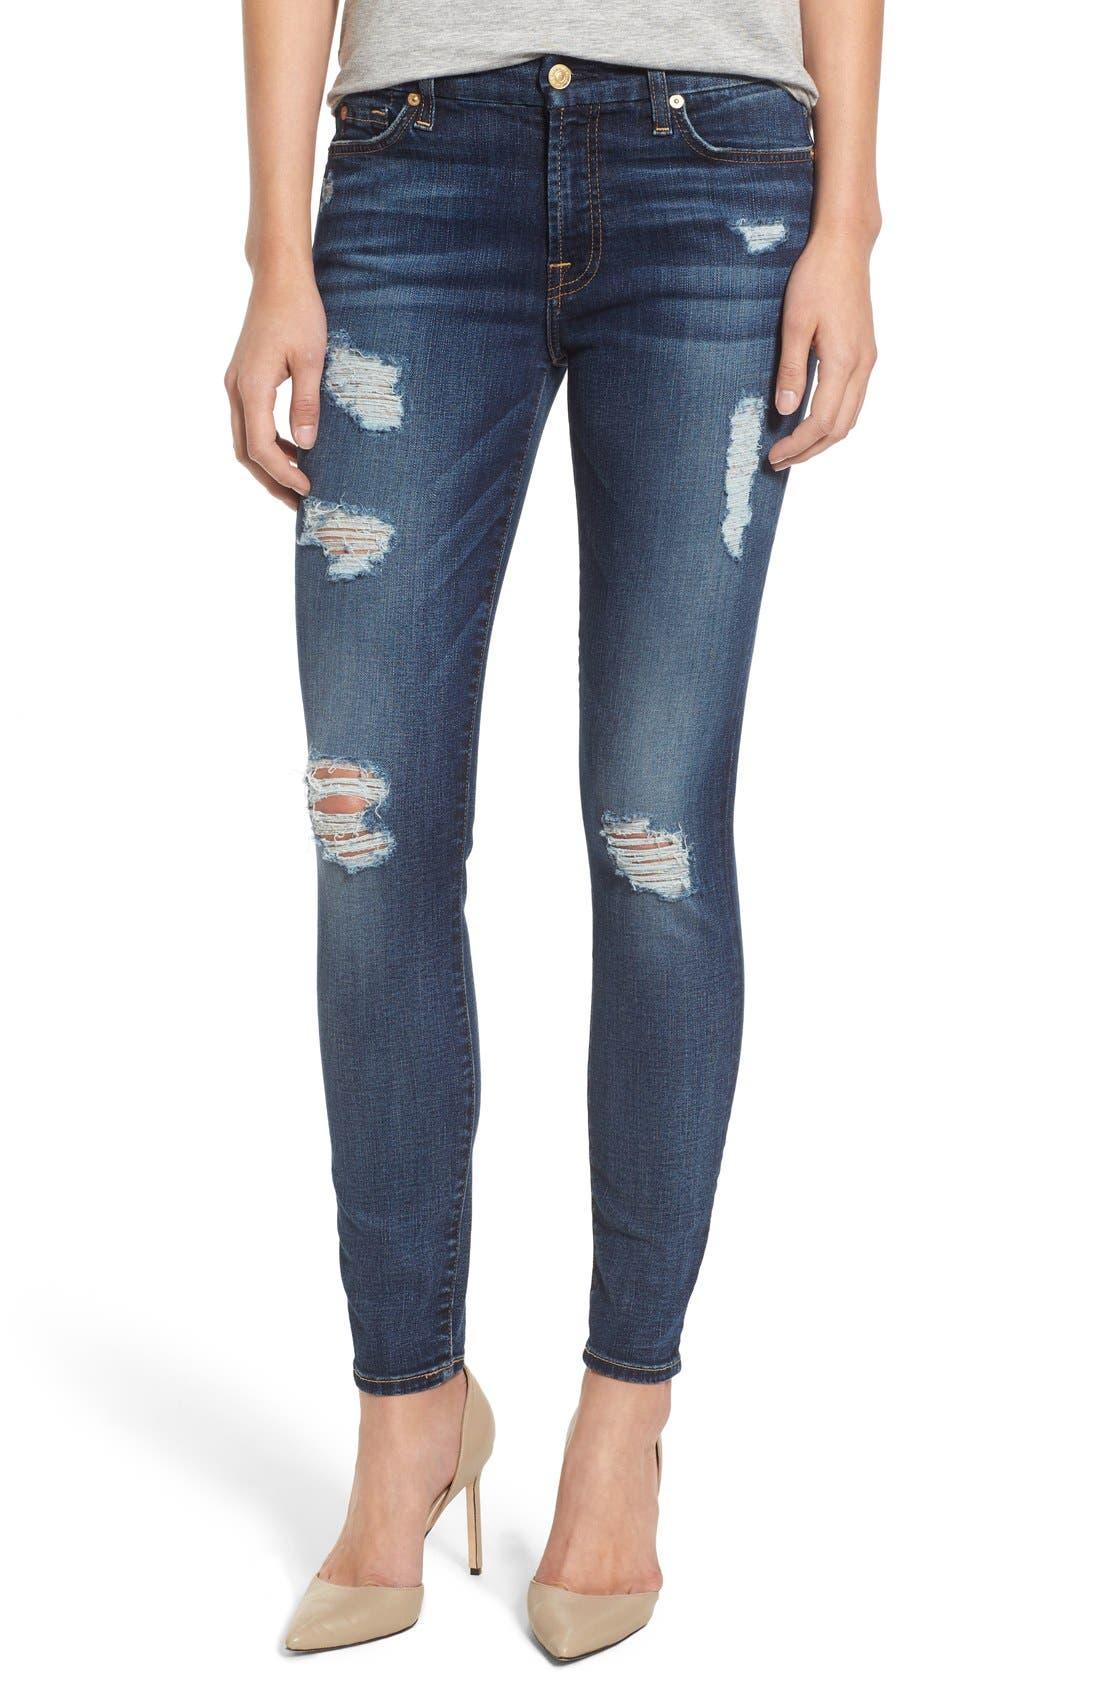 Alternate Image 1 Selected - 7 For All Mankind® Destroyed Skinny Jeans (Dark Vintage Blue)